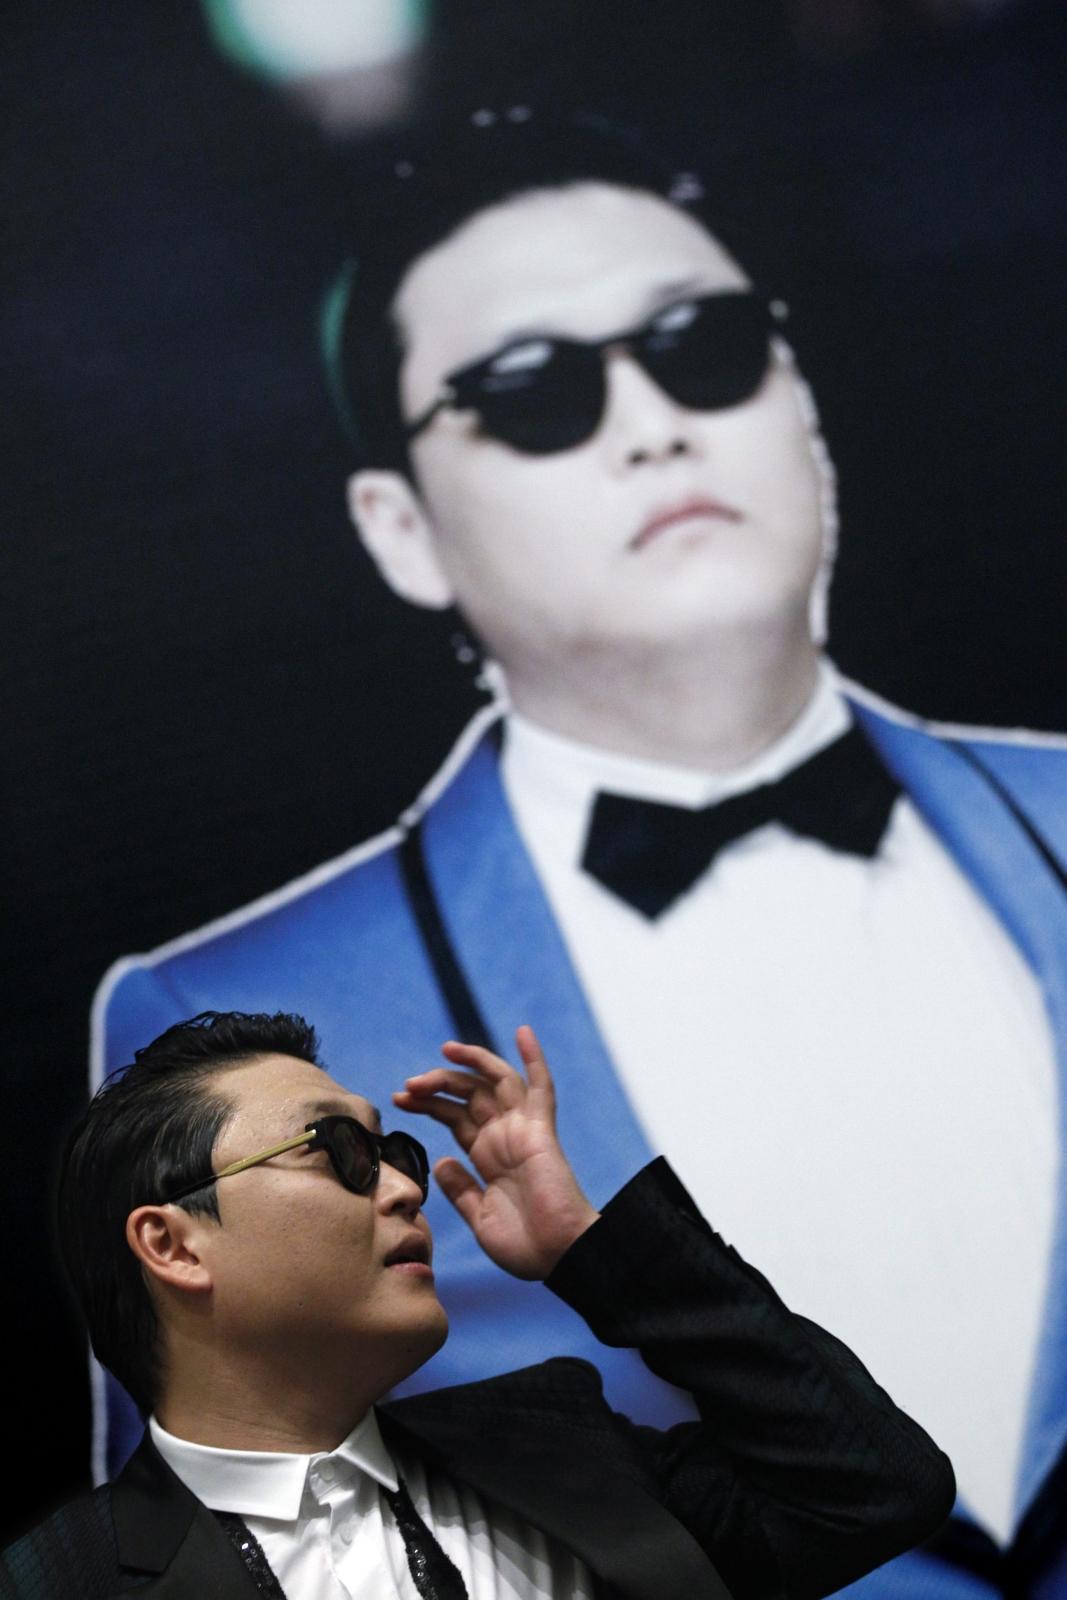 PSY podczas koncertu w Singapurze